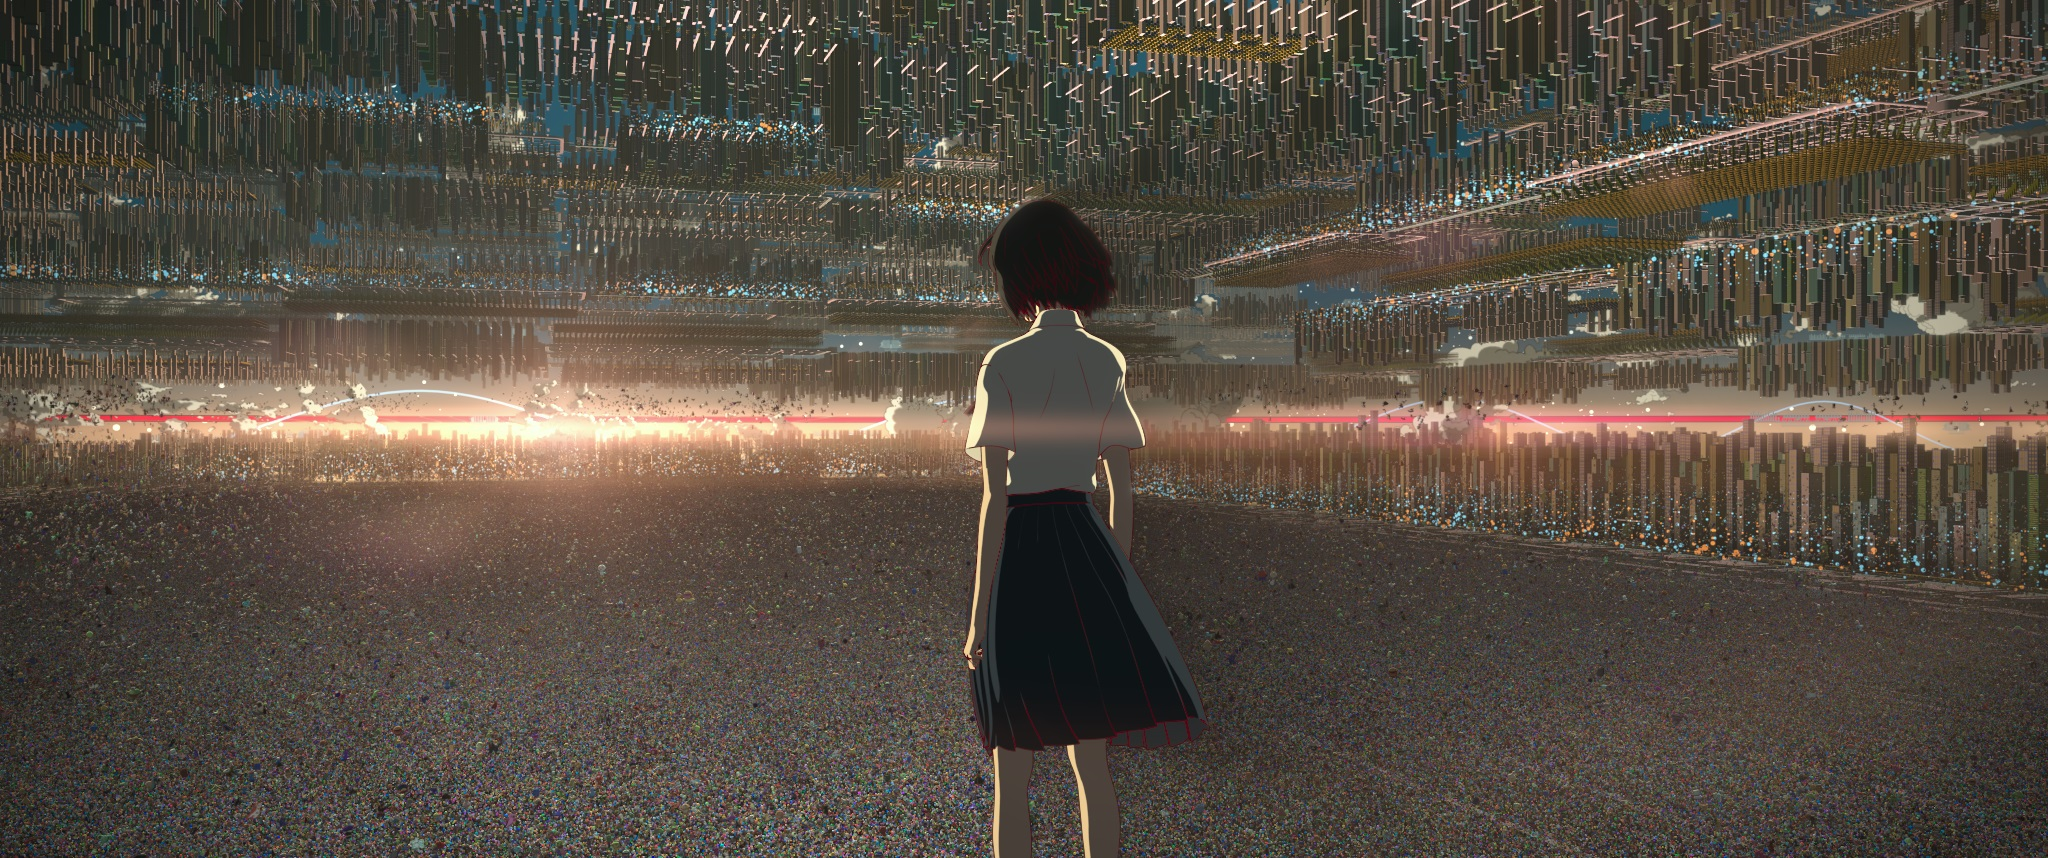 Belle, tutto sul nuovo anime del maestro giapponese Mamoru Hosoda zerkalo spettacolo